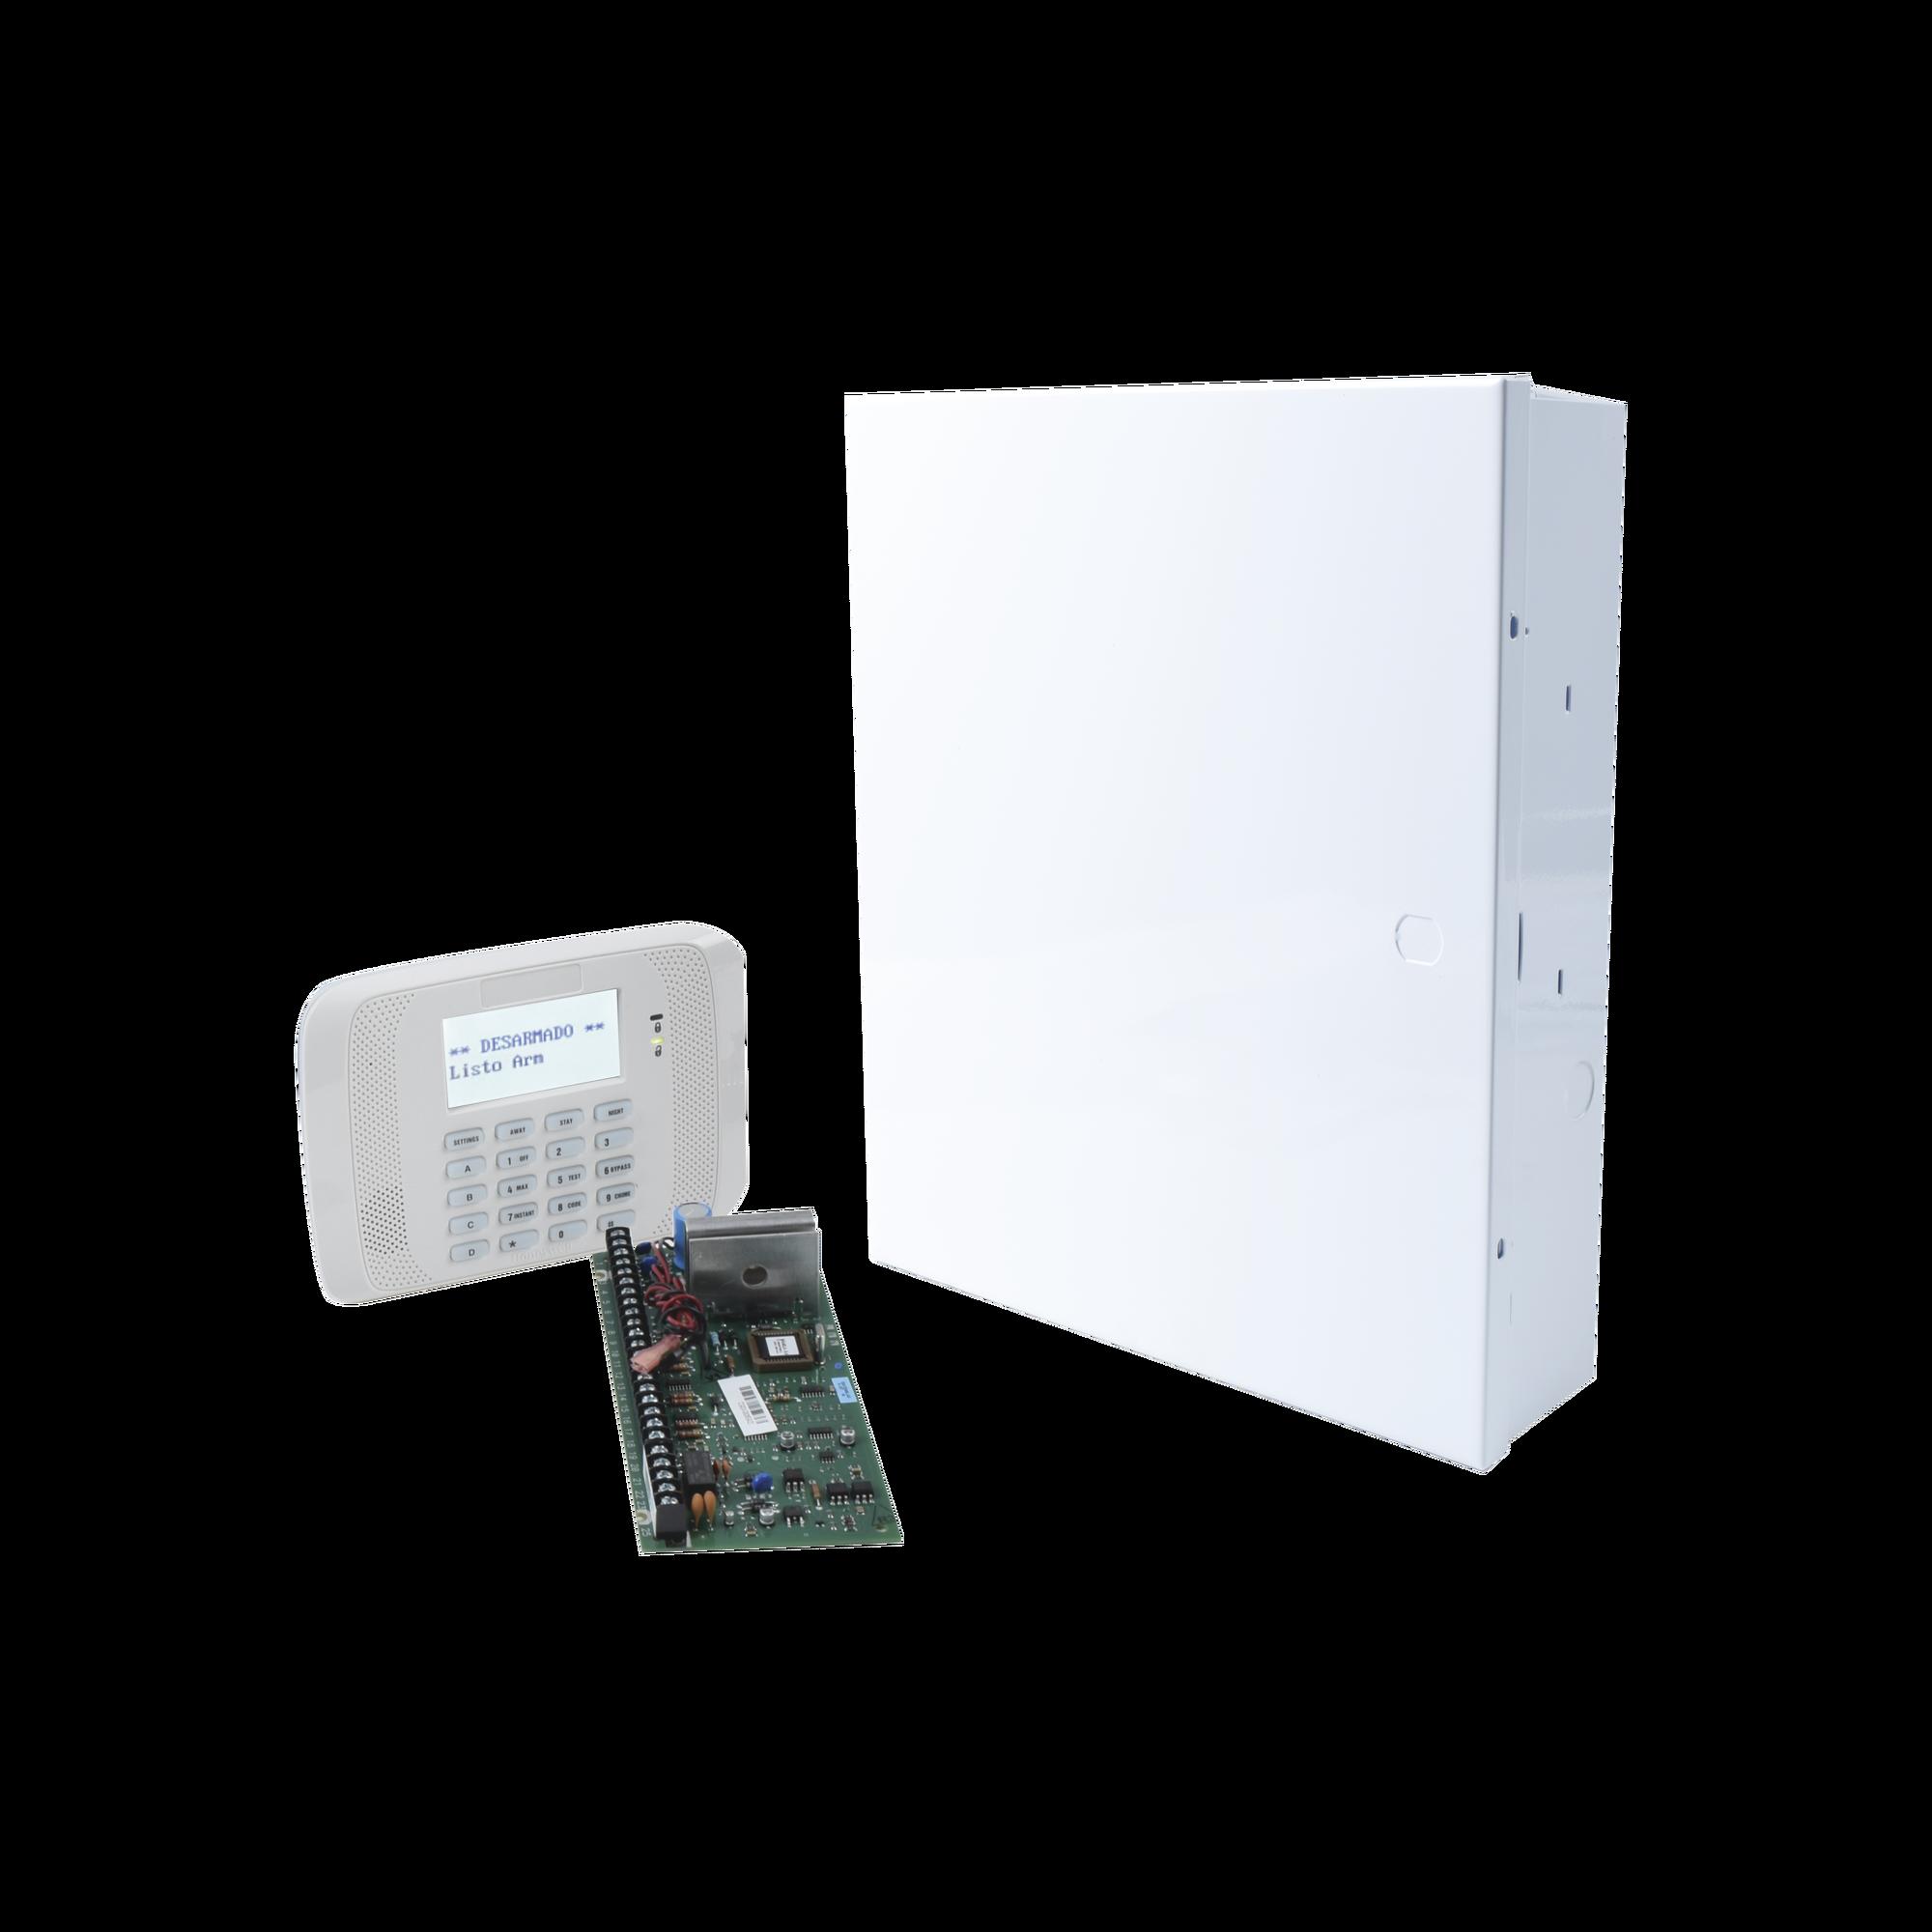 Sistema de Alarma VISTA20P con Teclado Alfanumerico y Receptor Inalambrico Interconstruido